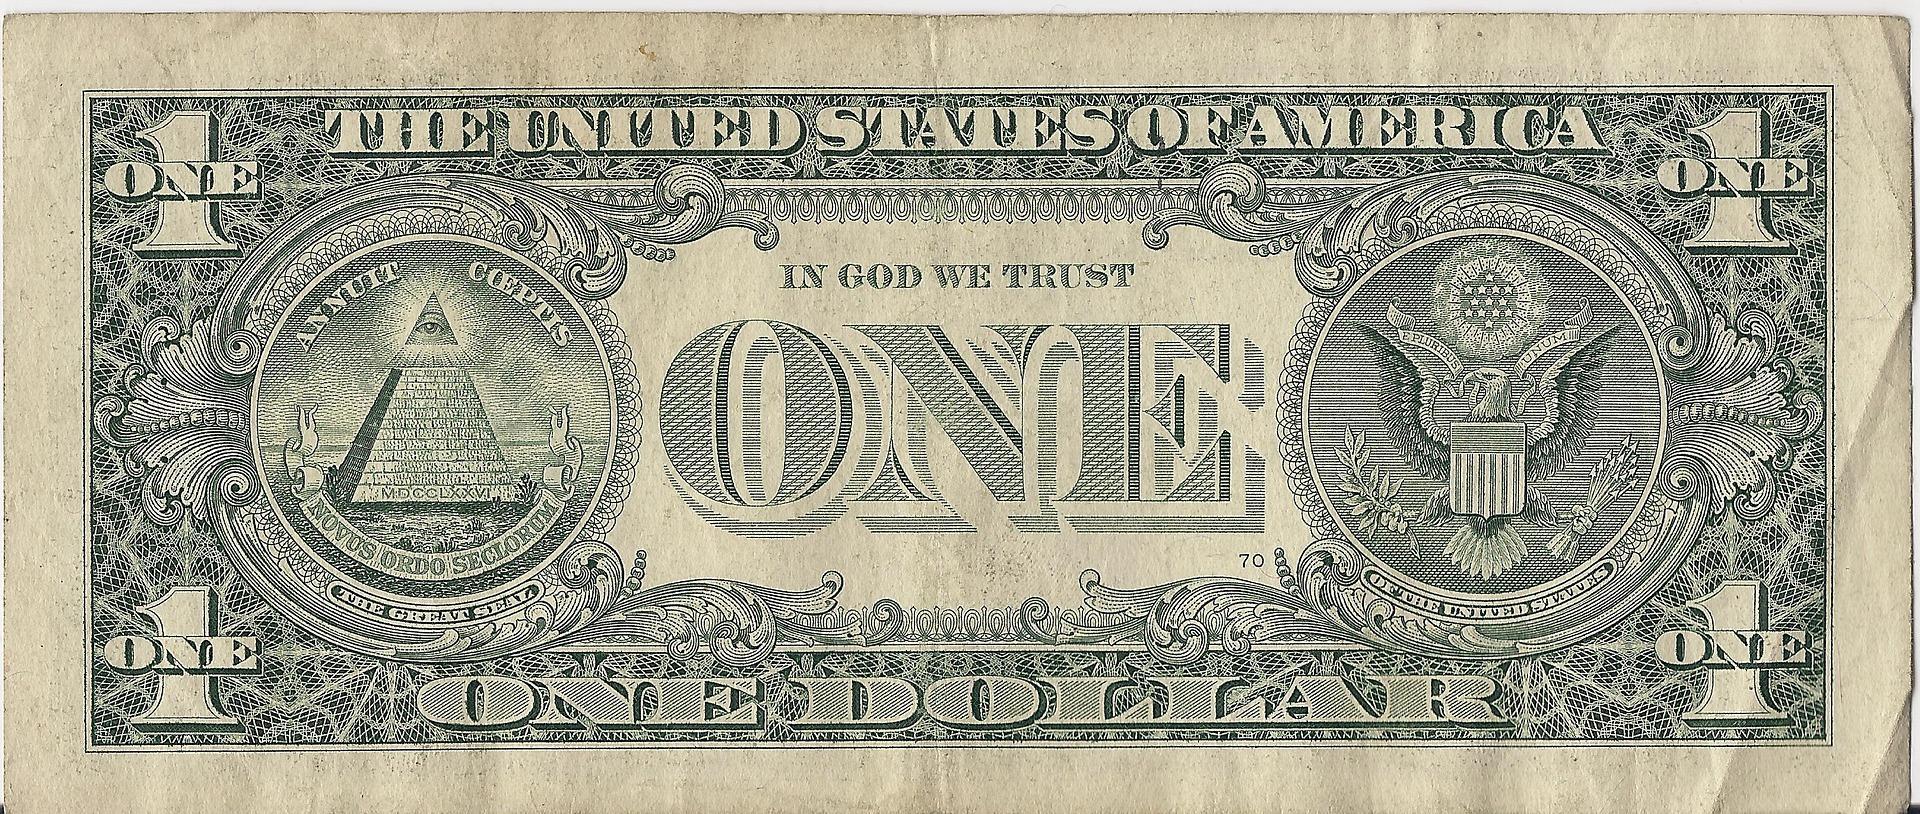 Les Buts de l'Ordre des Illuminati